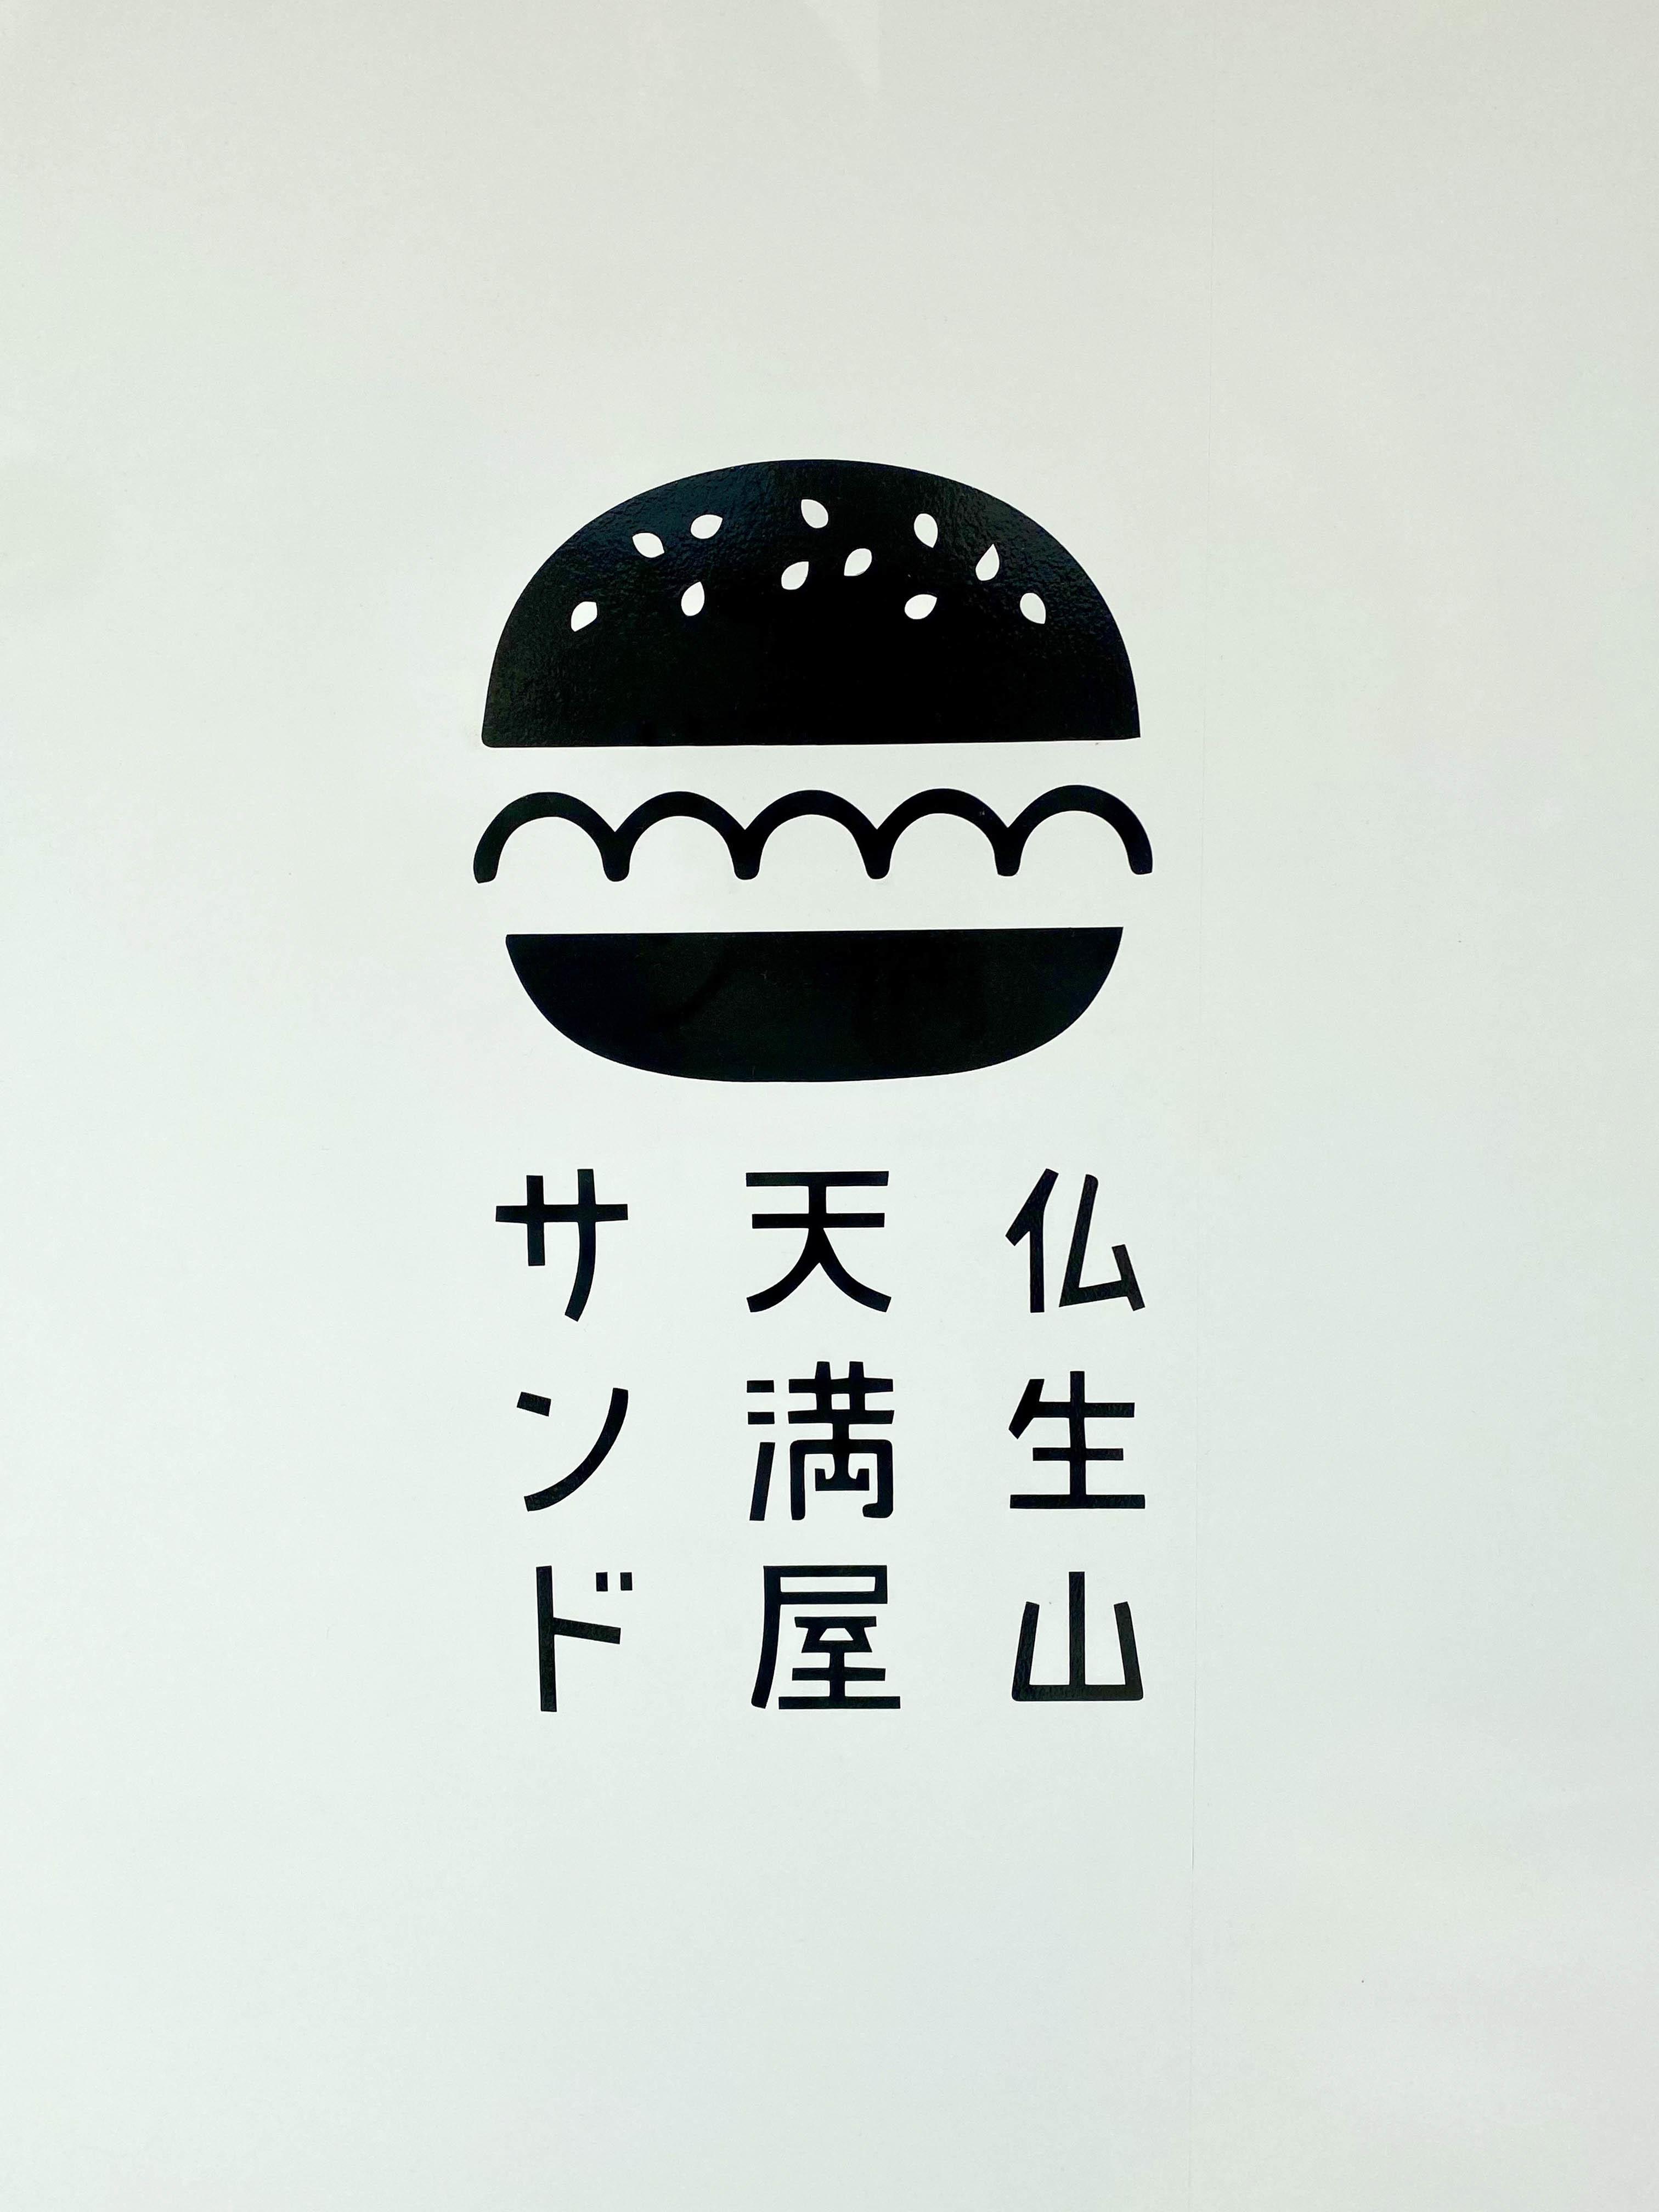 天満屋サンド01 ロゴデザイン